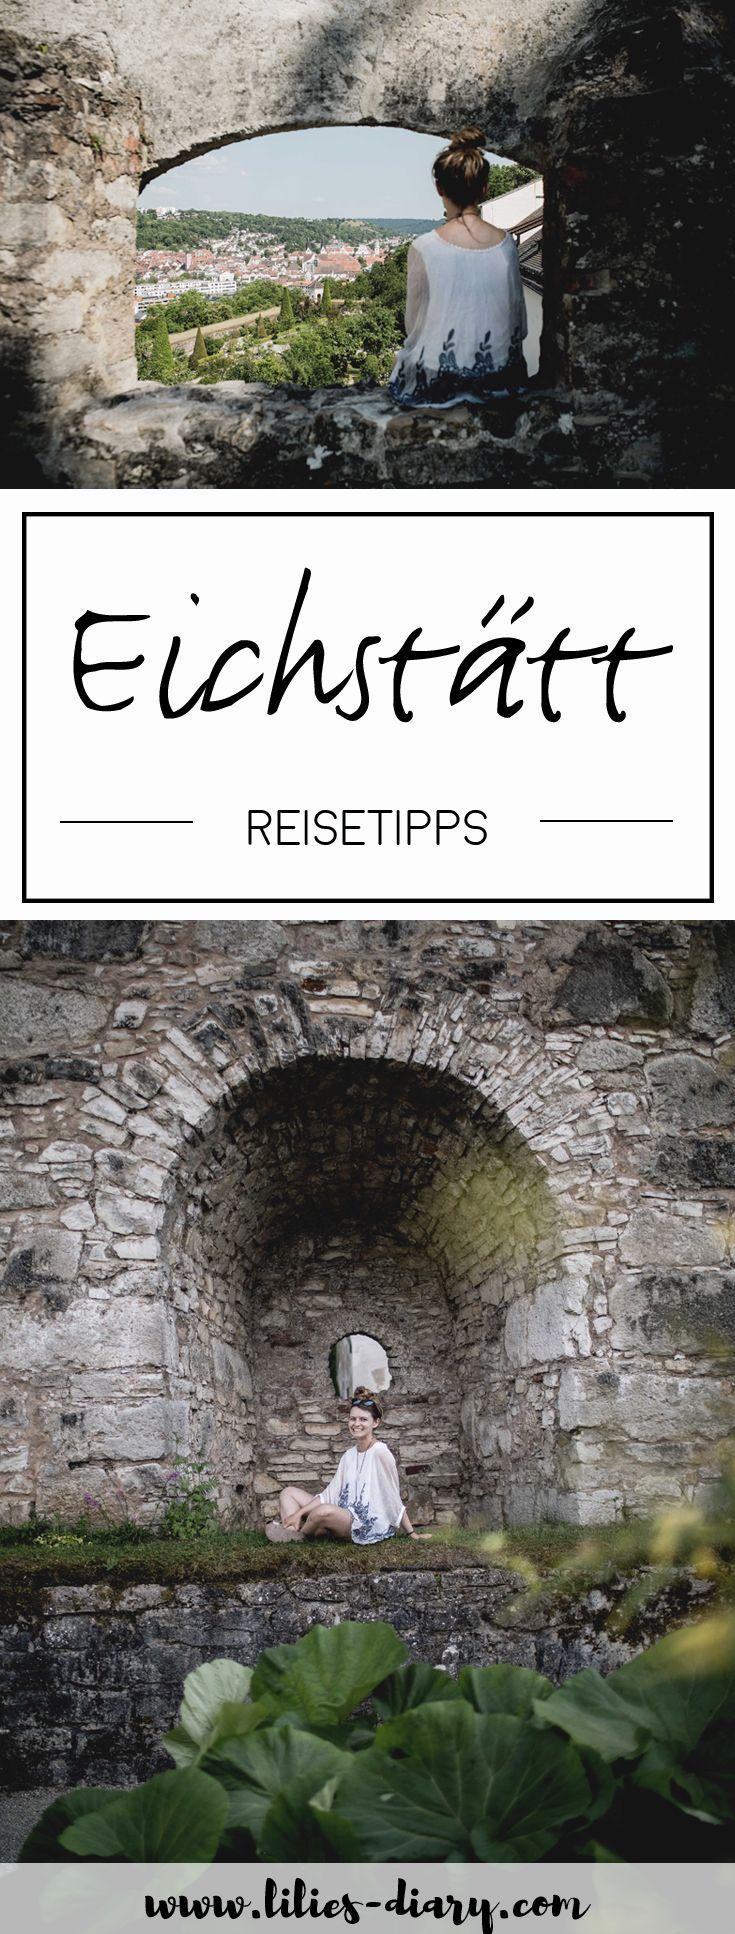 Ein Wahrzeichen Eichstätts ist die Willibaldsburg, die sich auf einem kargen Felsen über der Stadt erhebt. Das blühende Leben befindet sich hinter den Mauern der Burg. Mehr Reisetipps für Eichstätt und die schönsten Sehenswürdigkeiten verraten wir auch auf www.lilies-diary.com.